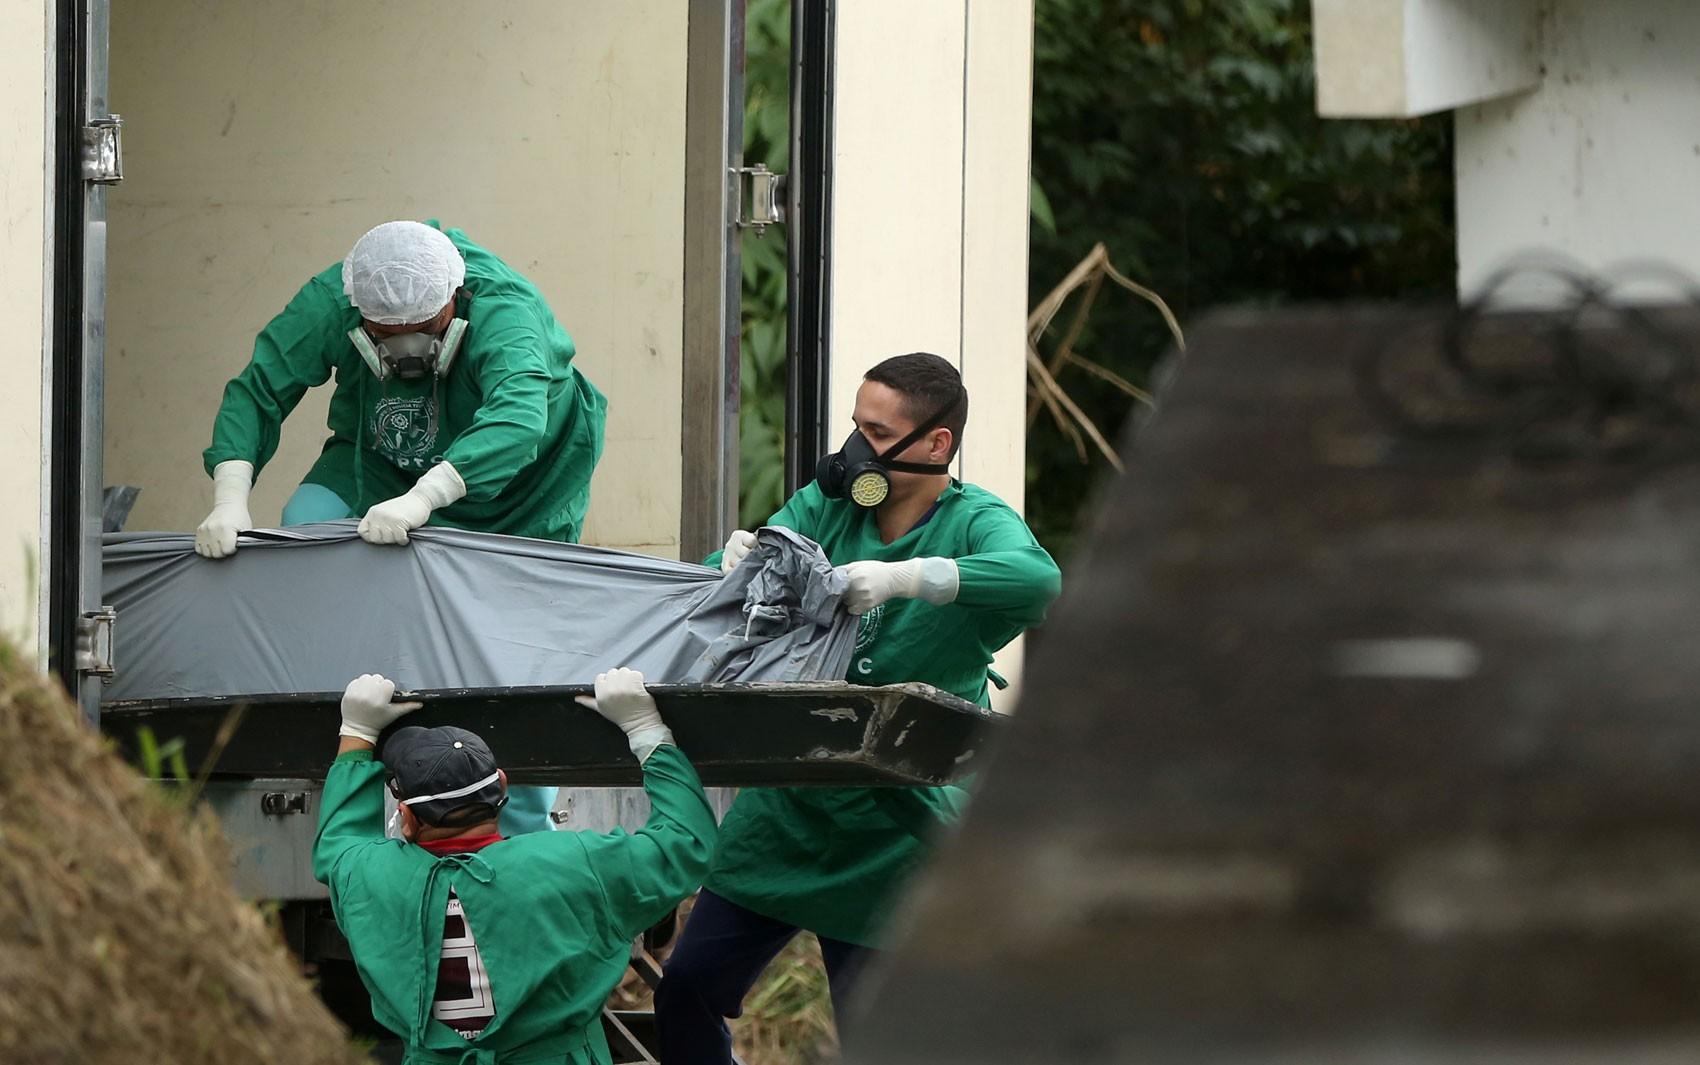 Governo libera últimos corpos de presos mortos em massacre no Amazonas - Notícias - Plantão Diário